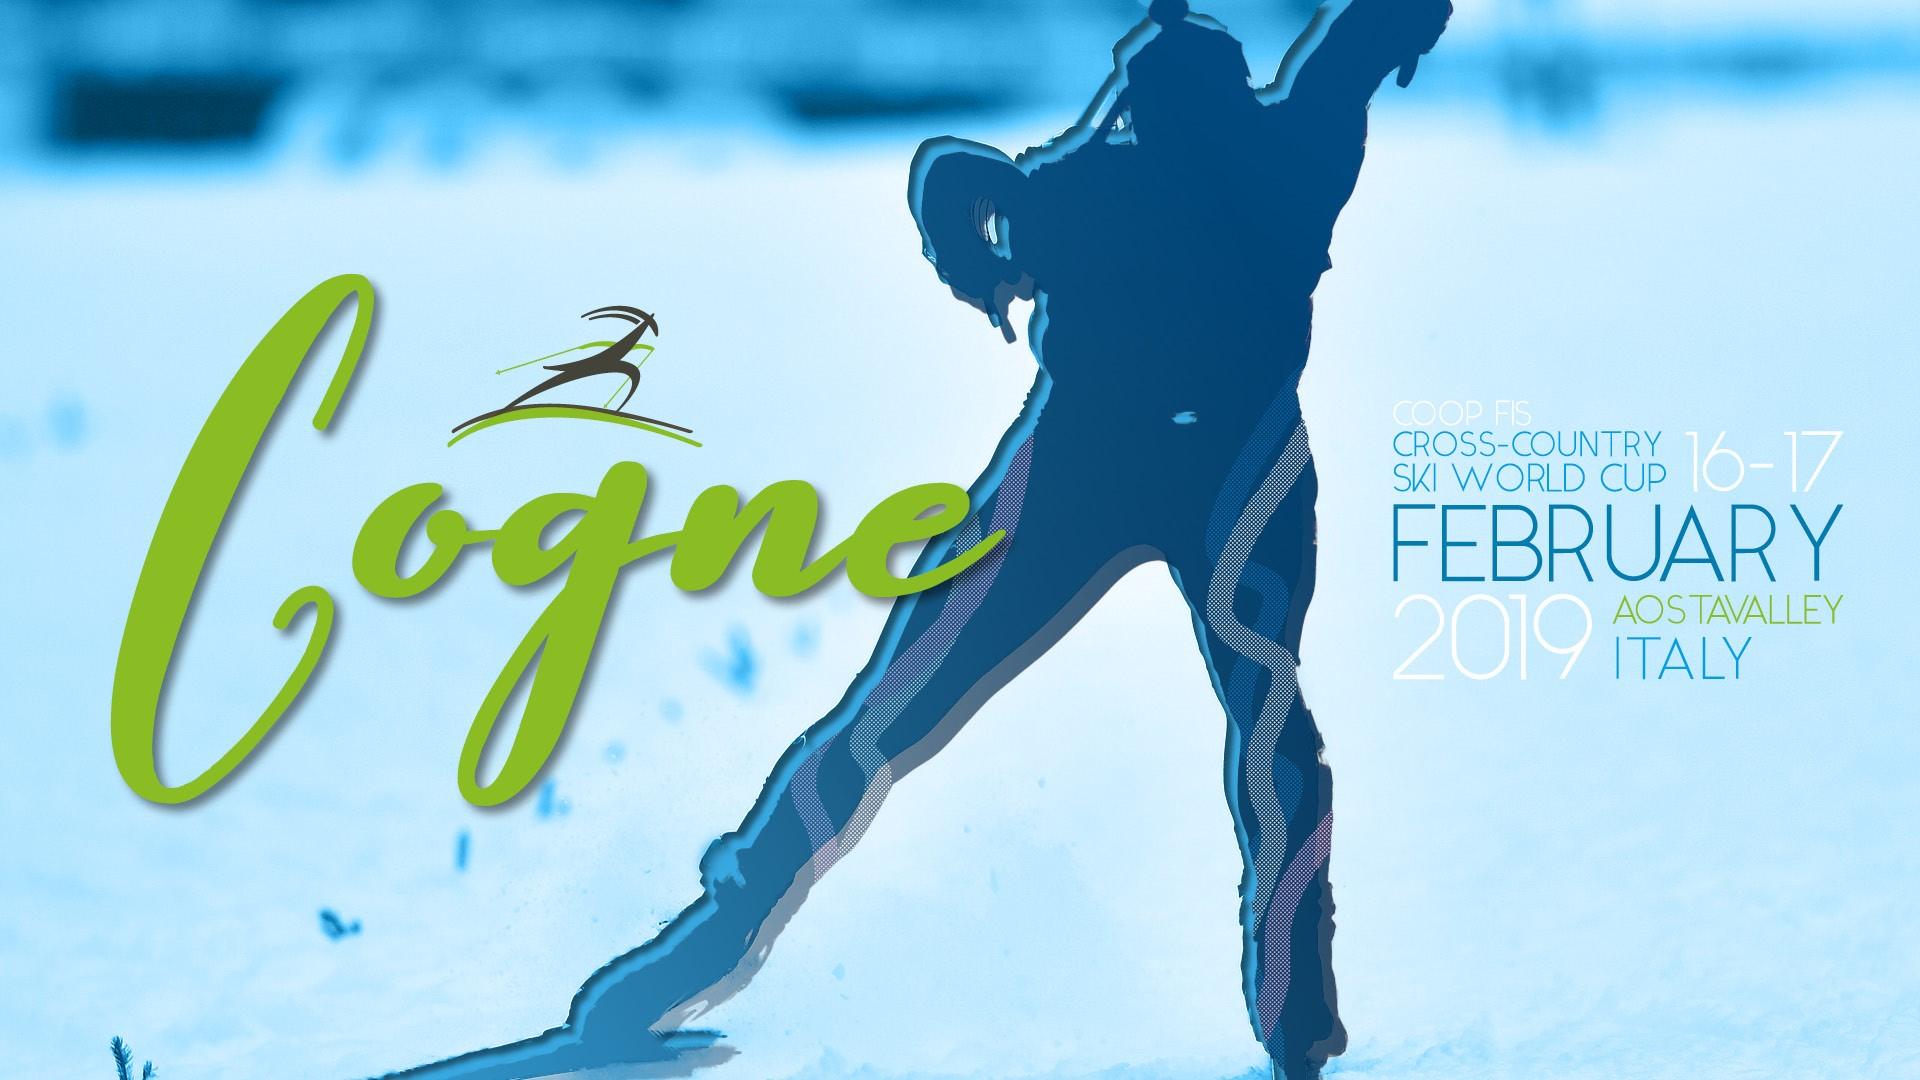 Cogne ski world cup 2019